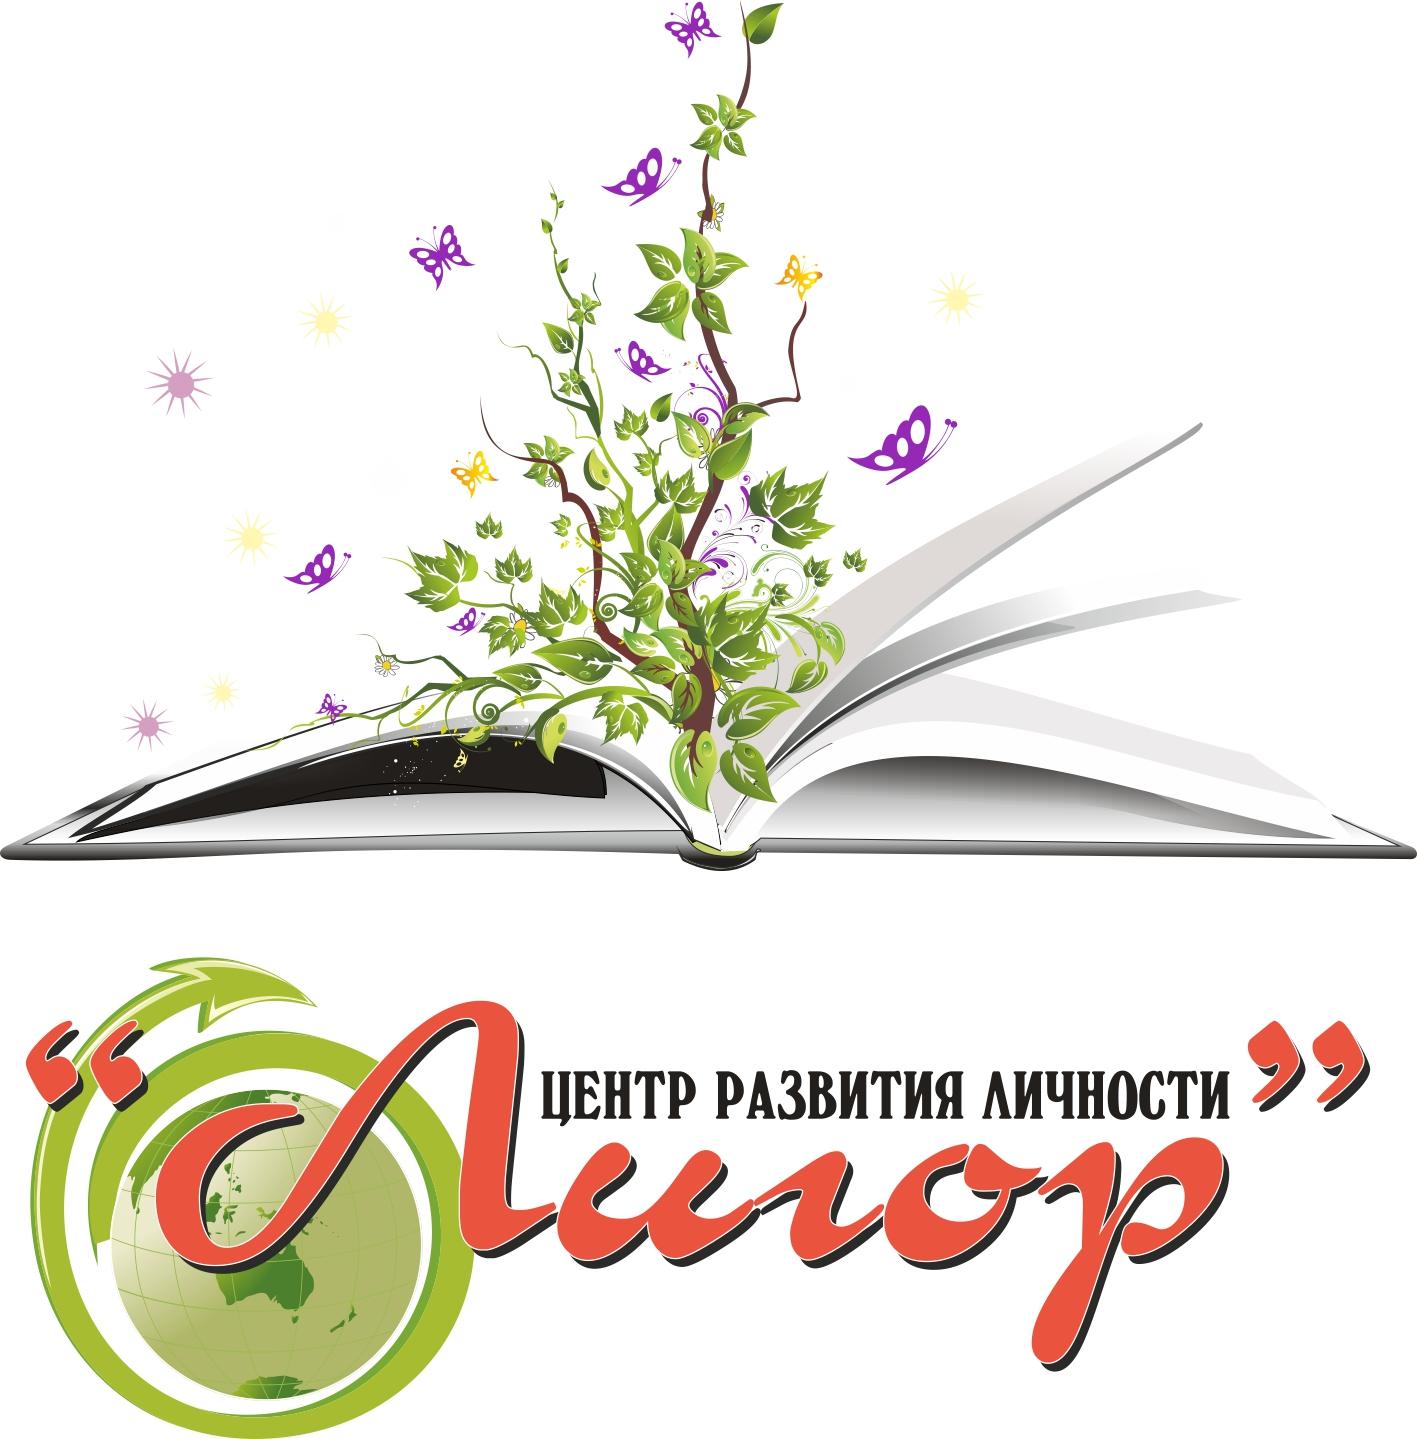 Центр развития личности Лигор, Кривой Рог